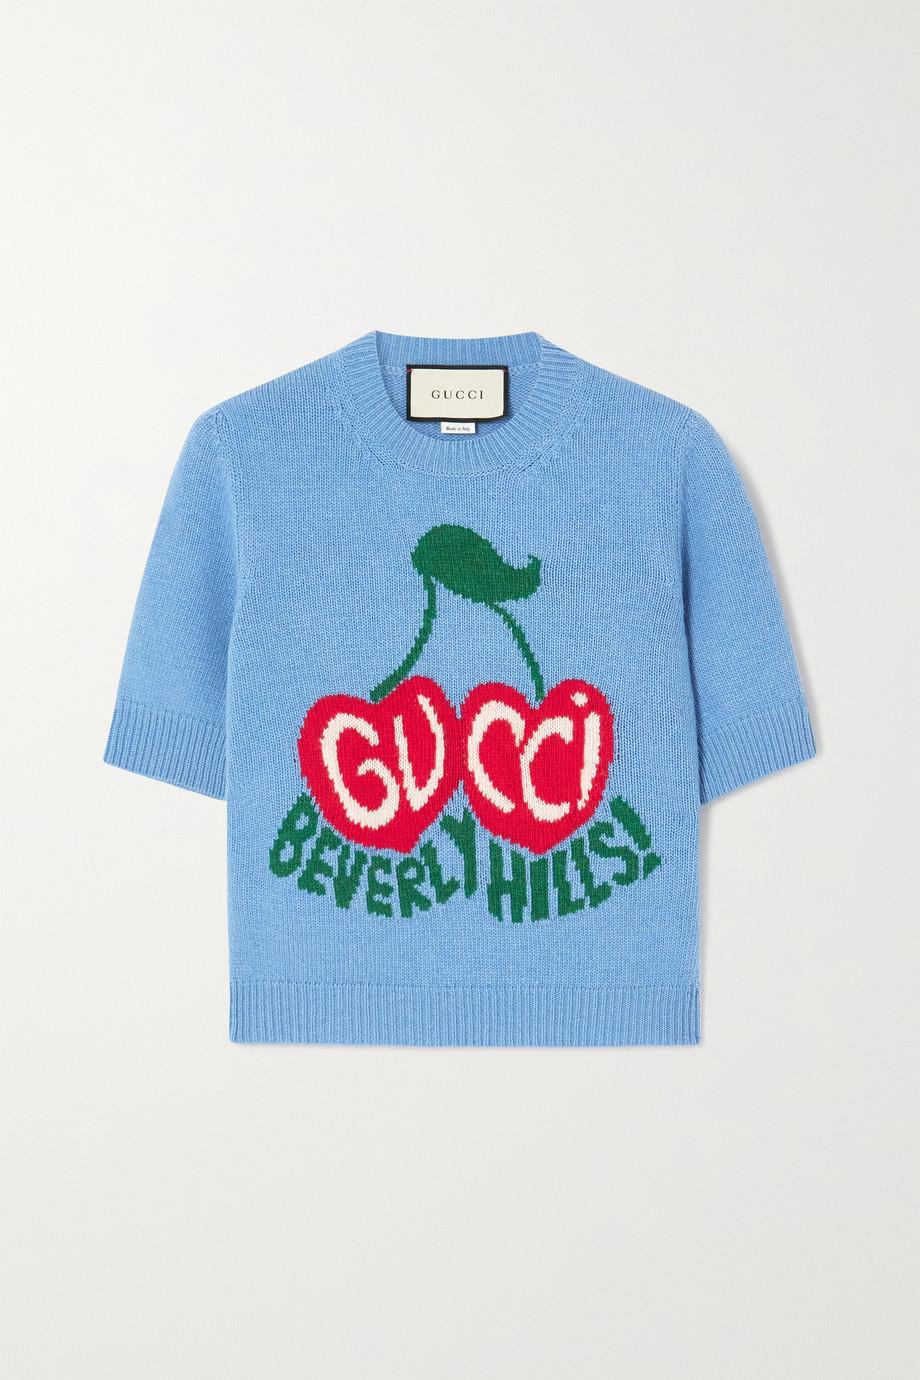 Gucci 嵌花羊毛毛衣